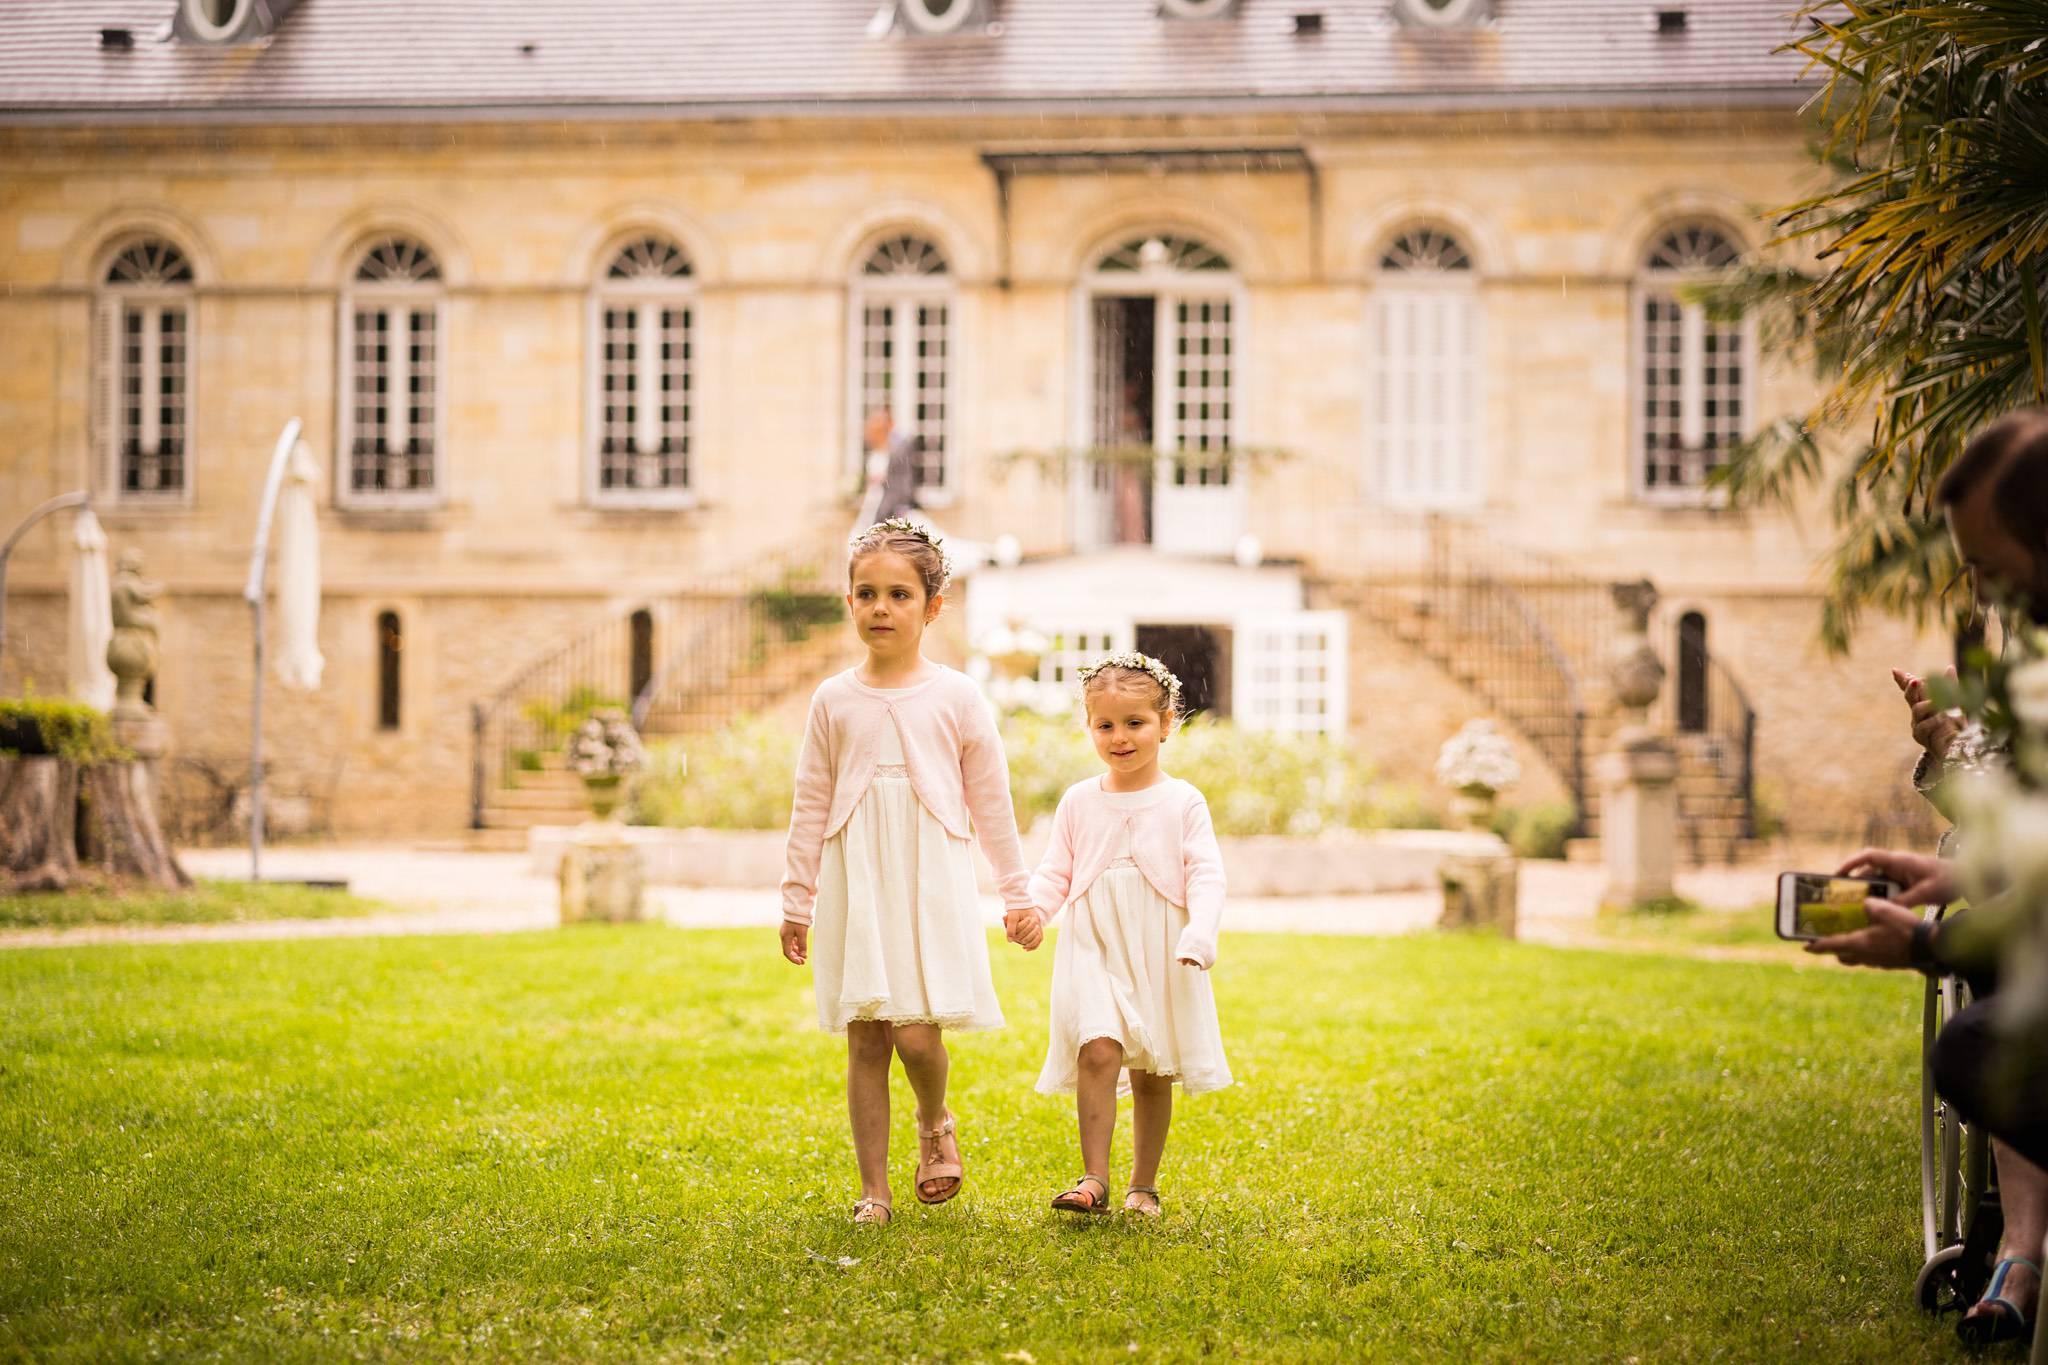 Le reportage photo du mariage et de la cérémonie laïque de Fanny et Thomas à la Chartreuse des Eyres à Podensac. Alexandre Roschewitz photographe.